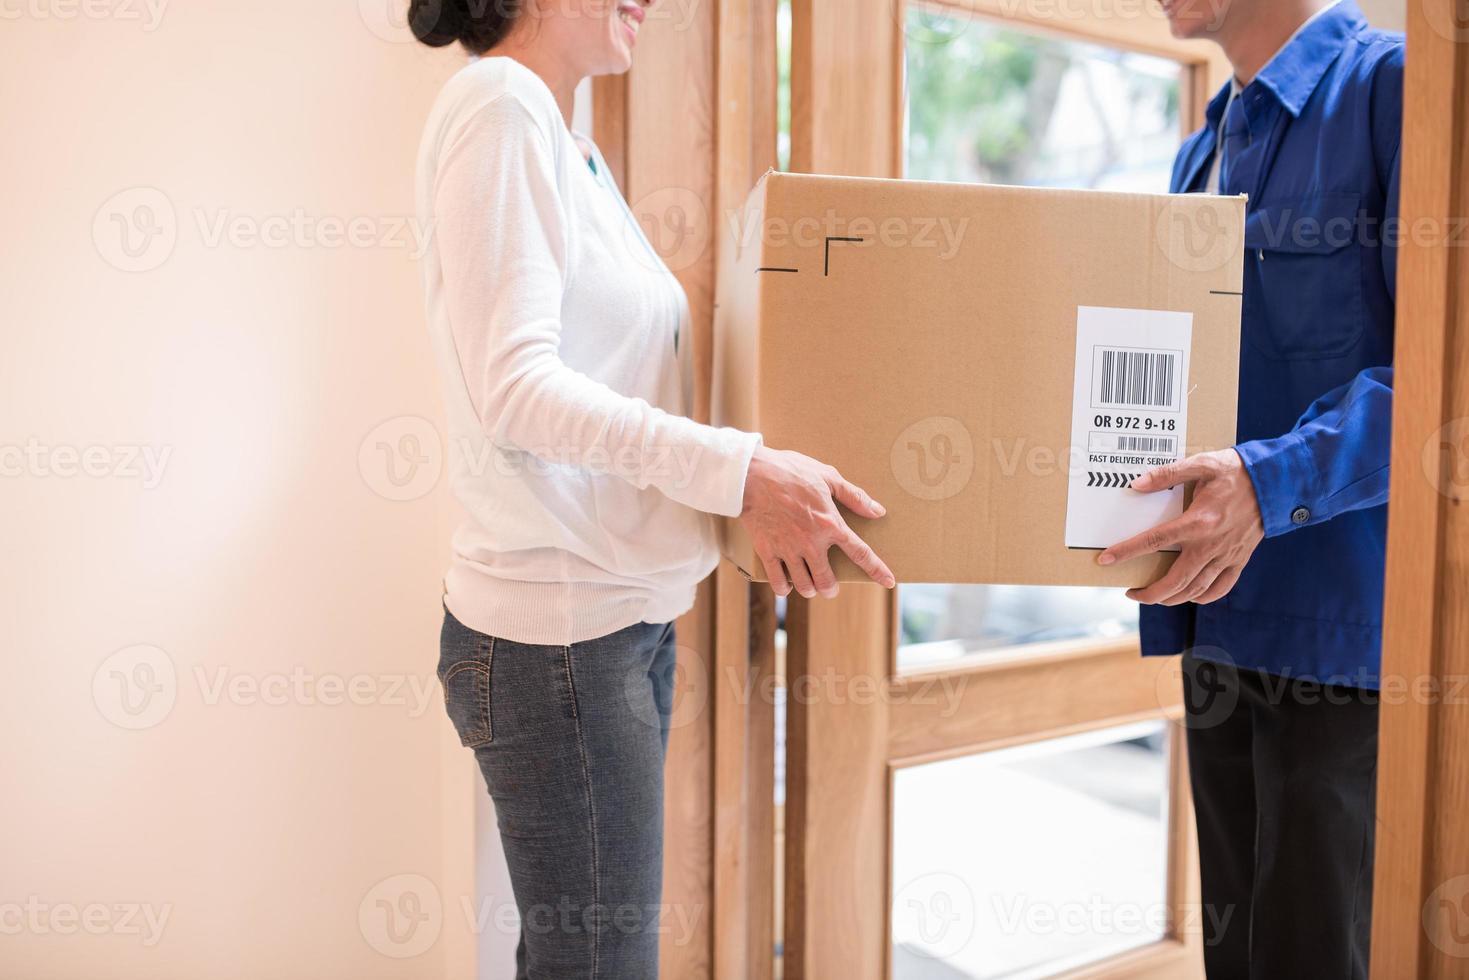 Receiving large parcel photo